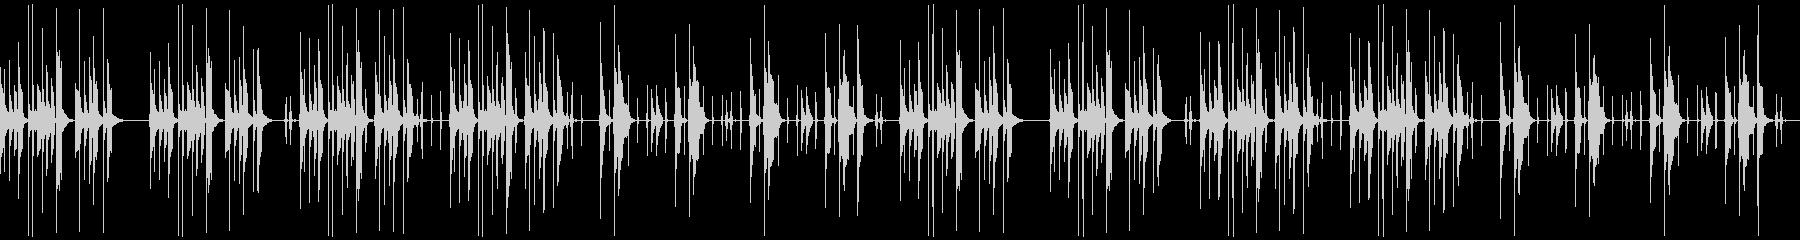 ほのぼのとしたシンキングタイムBGMの未再生の波形